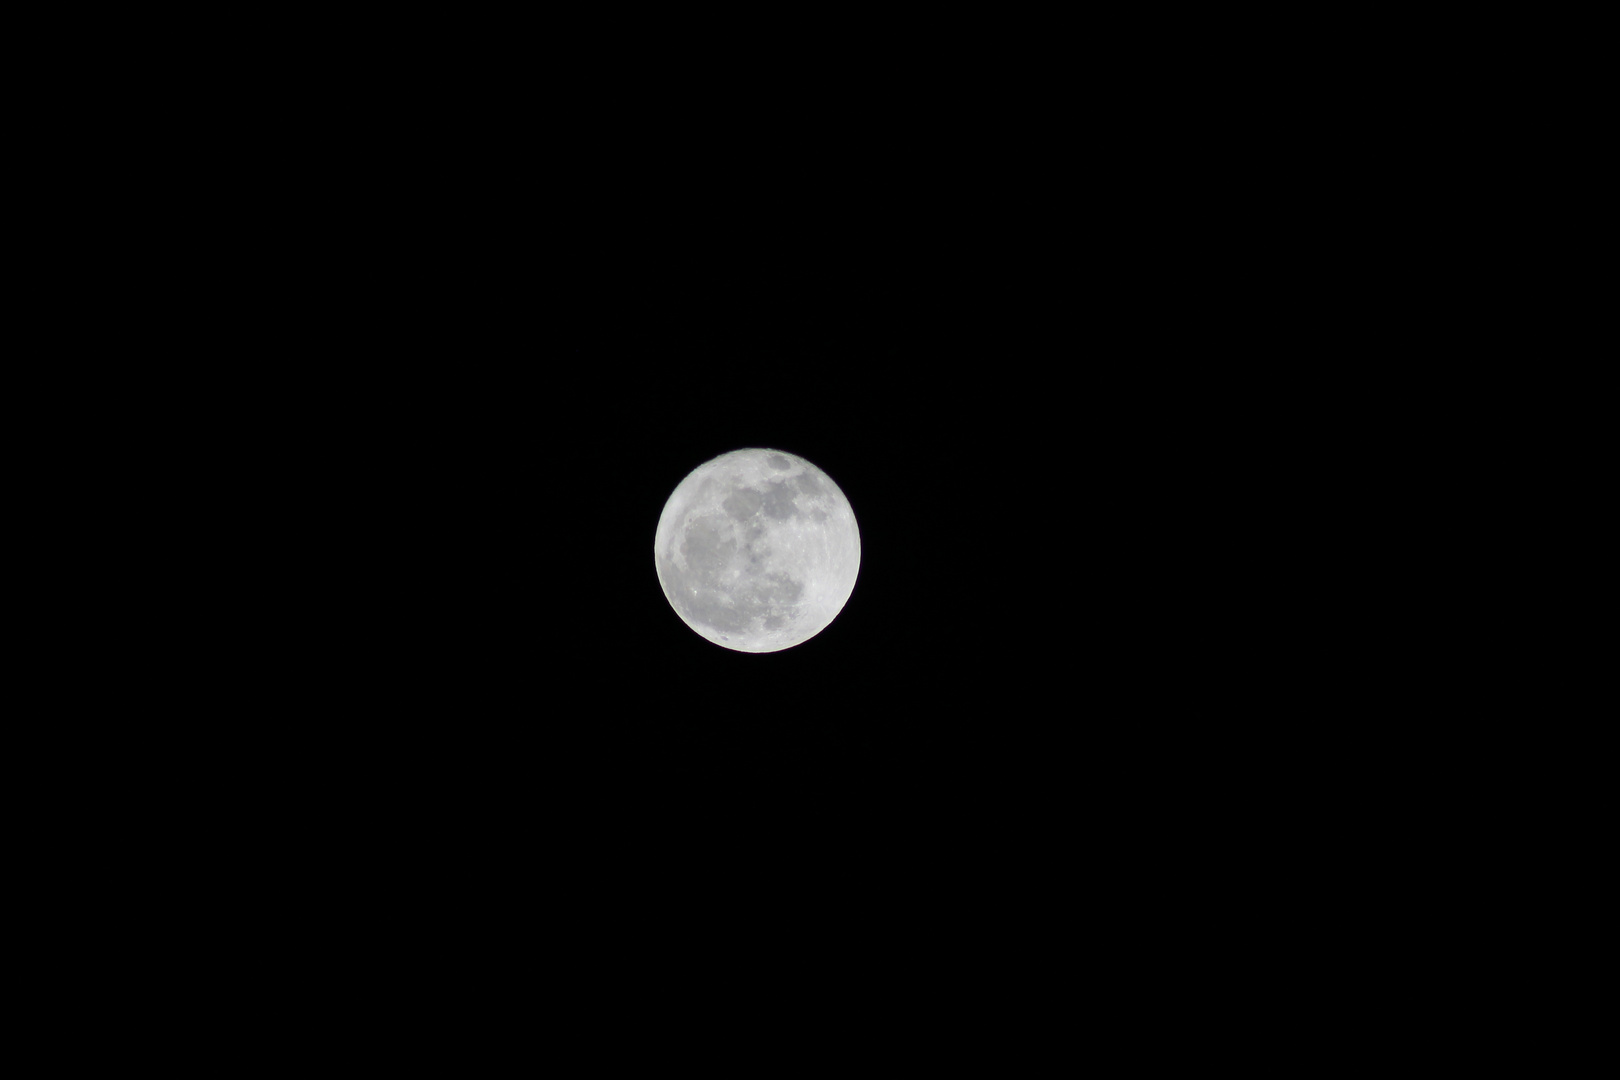 La luna/The Moon